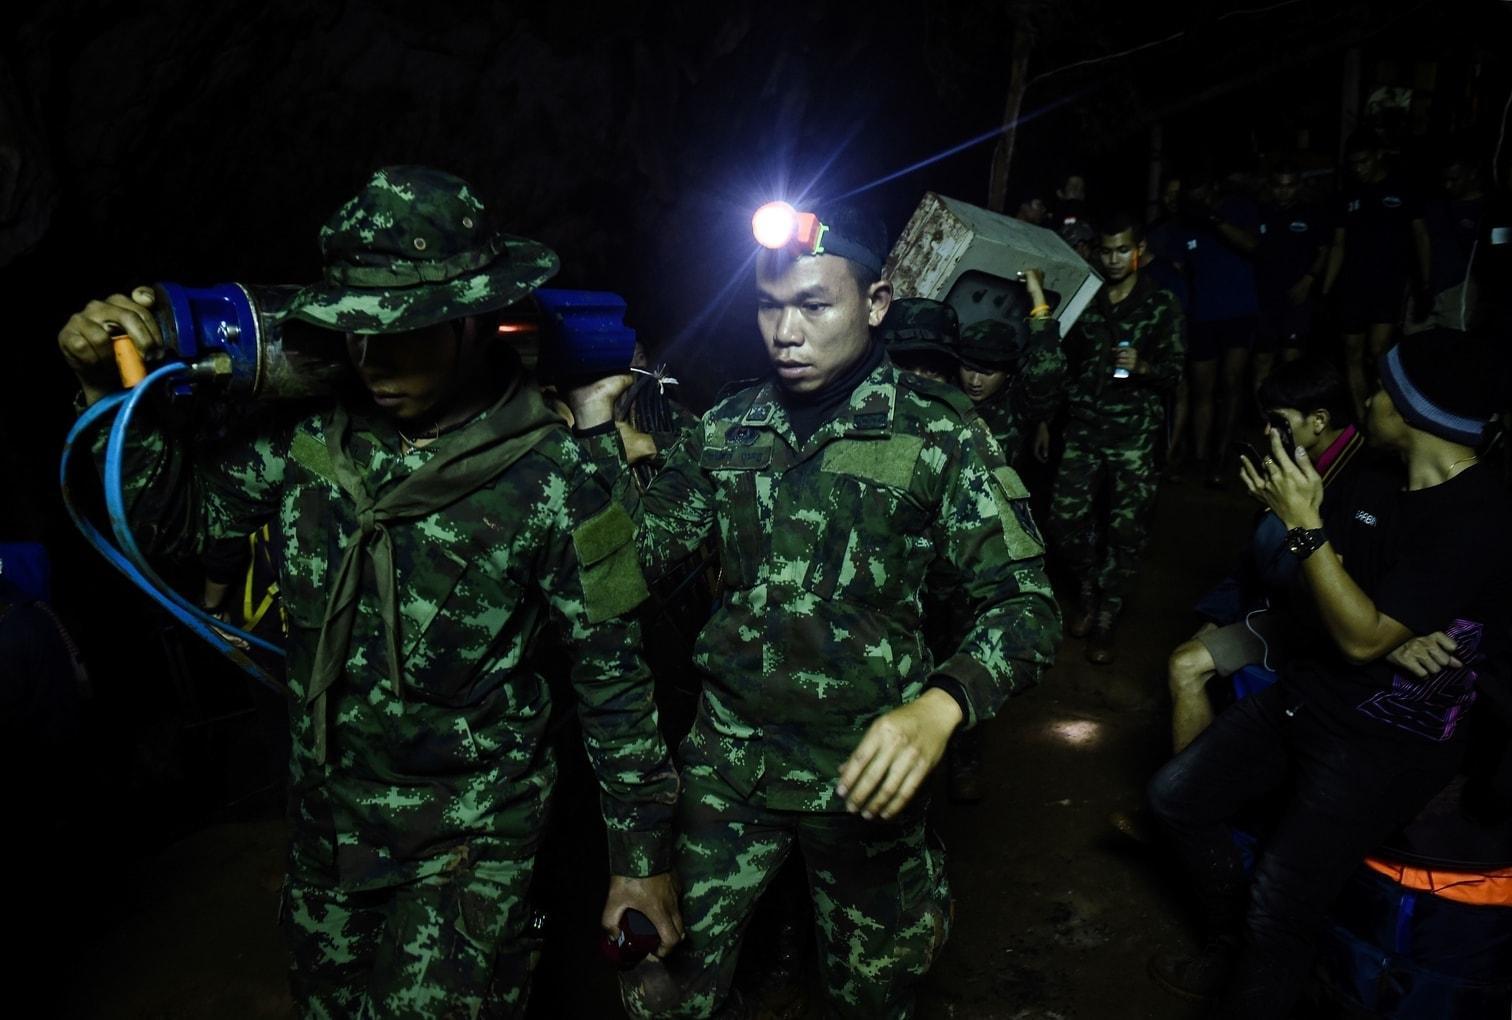 <p>An einer Höhle im Norden Thailands findet eine dramatische Suchaktion nach einer verschollenen Jungen-Fußballmannschaft statt.</p> Foto: AFP